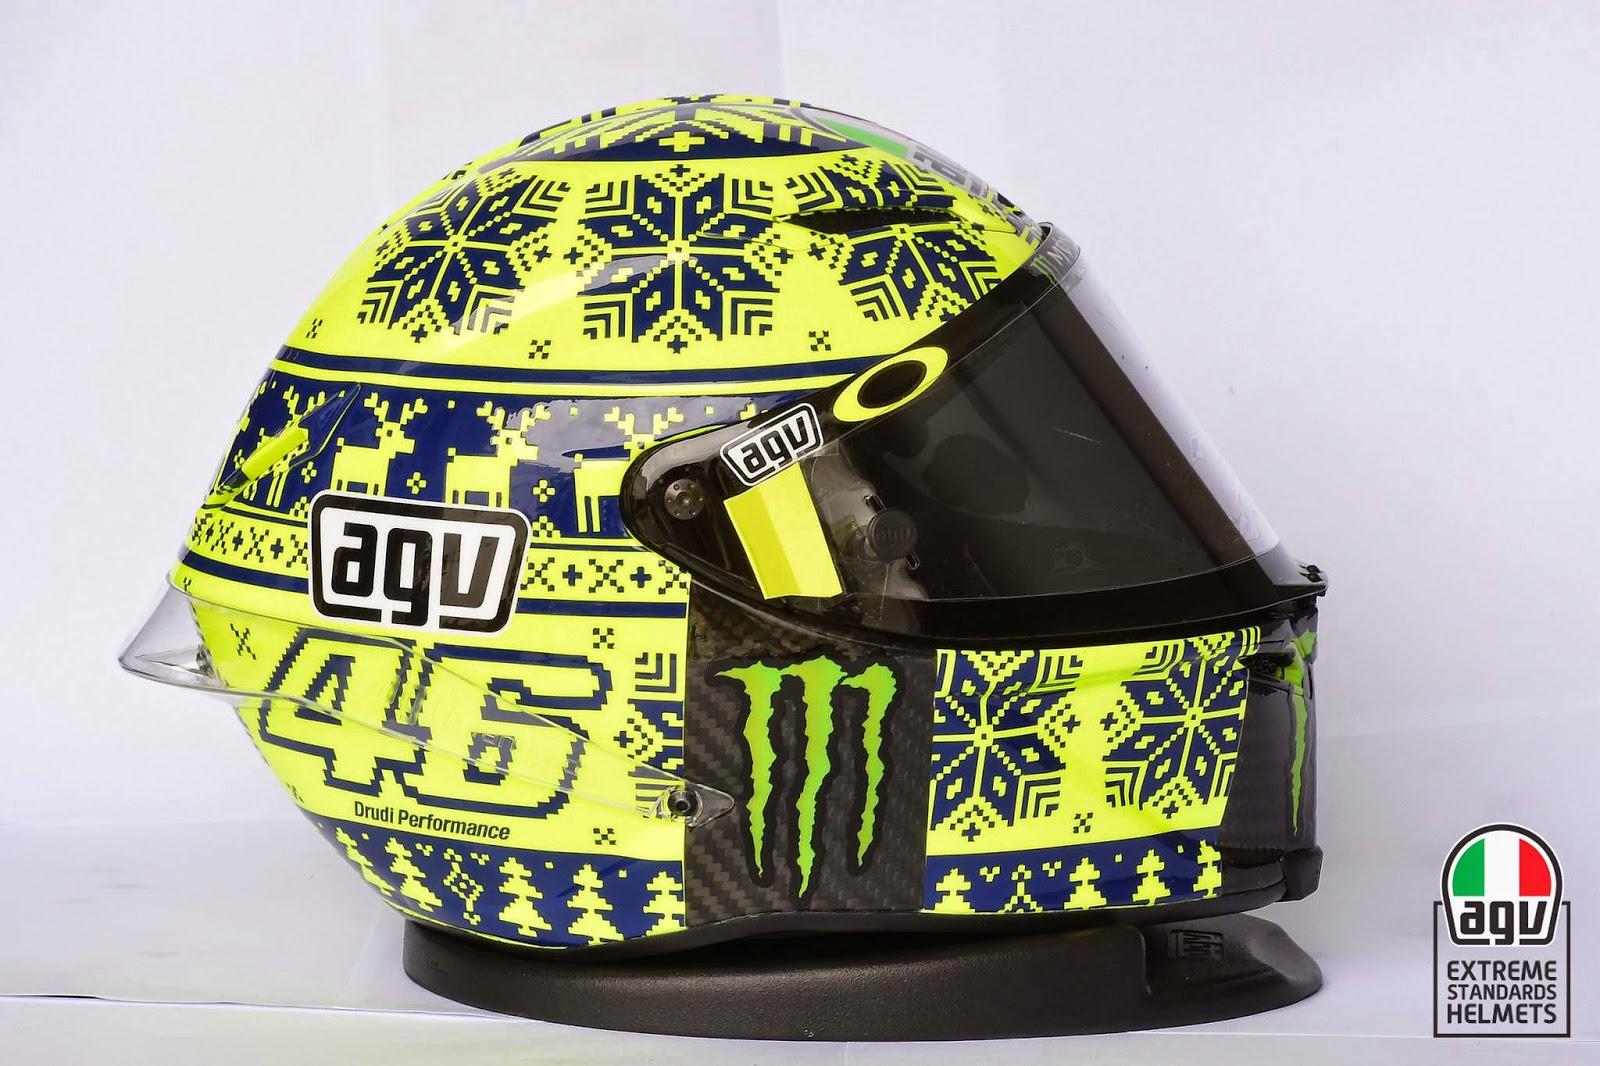 racing helmets garage agv pistagp v rossi winter test. Black Bedroom Furniture Sets. Home Design Ideas